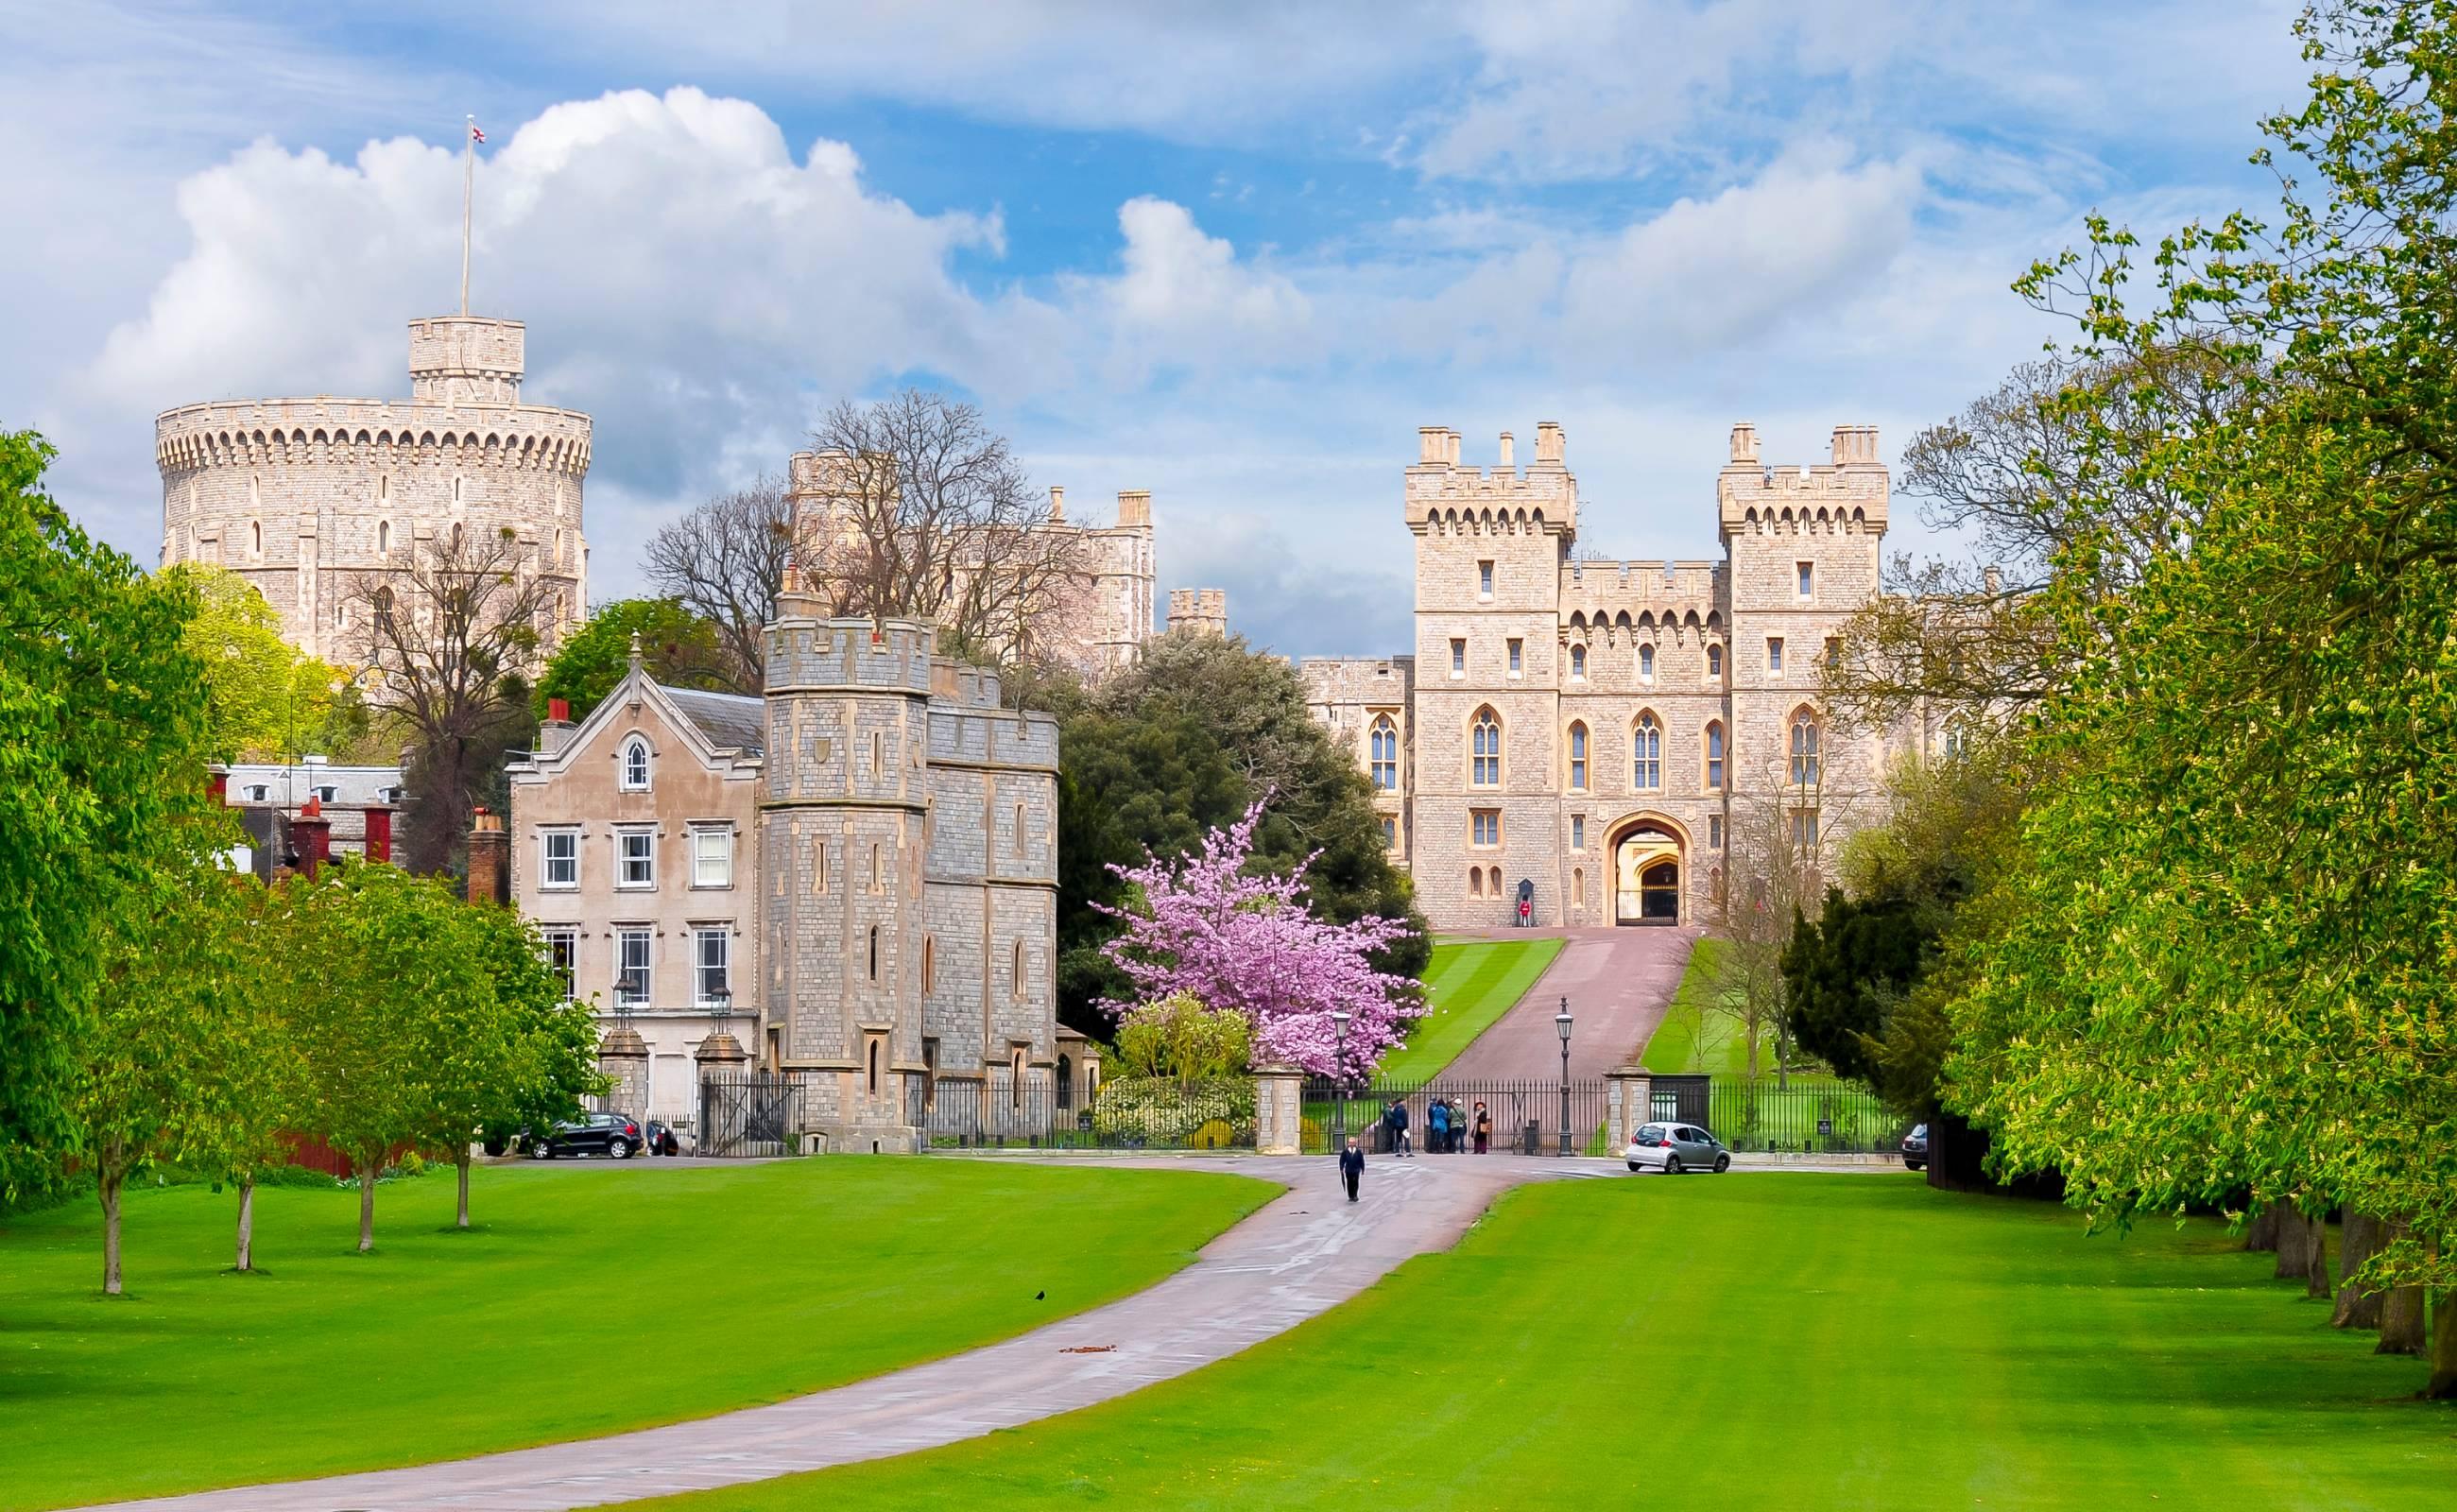 6 Orte, die man zum Anlass der royalen Hochzeit unbedingt besuchen sollte